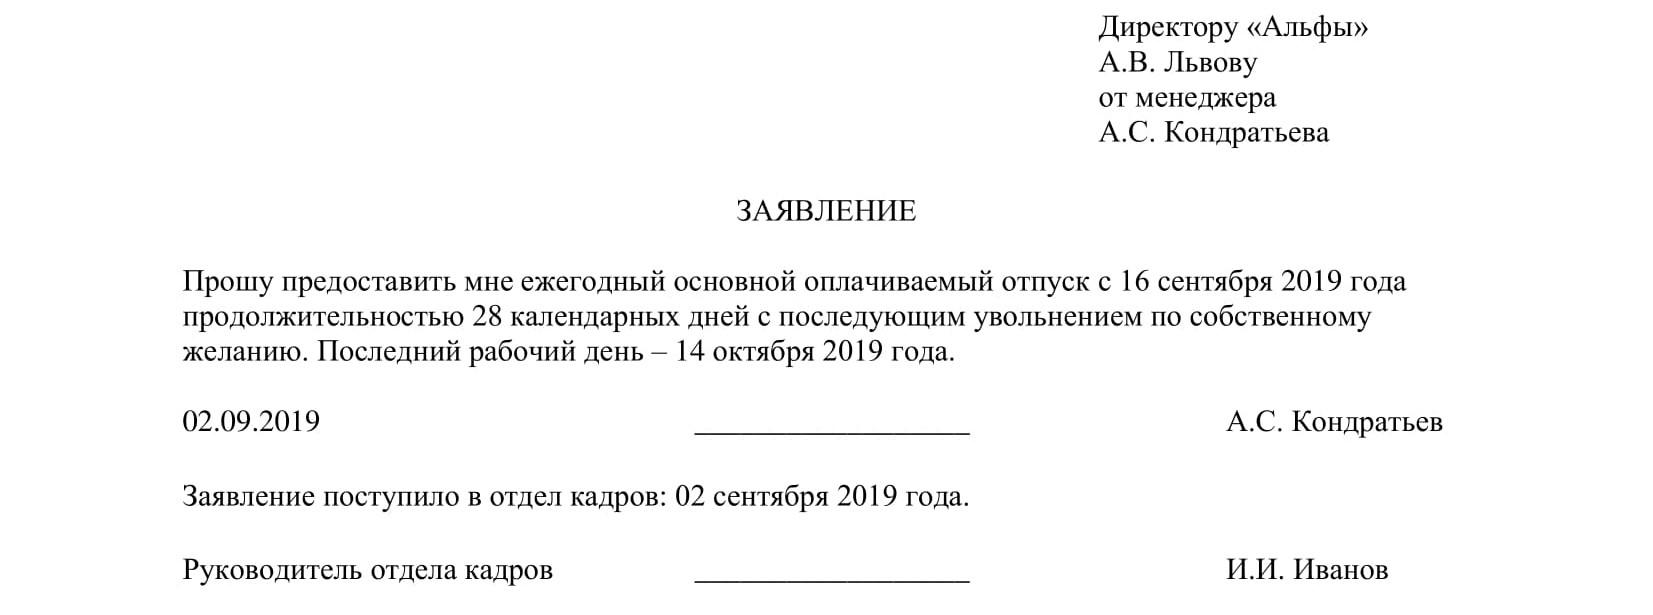 Исковое заявление о признании незаконным увольнения образец